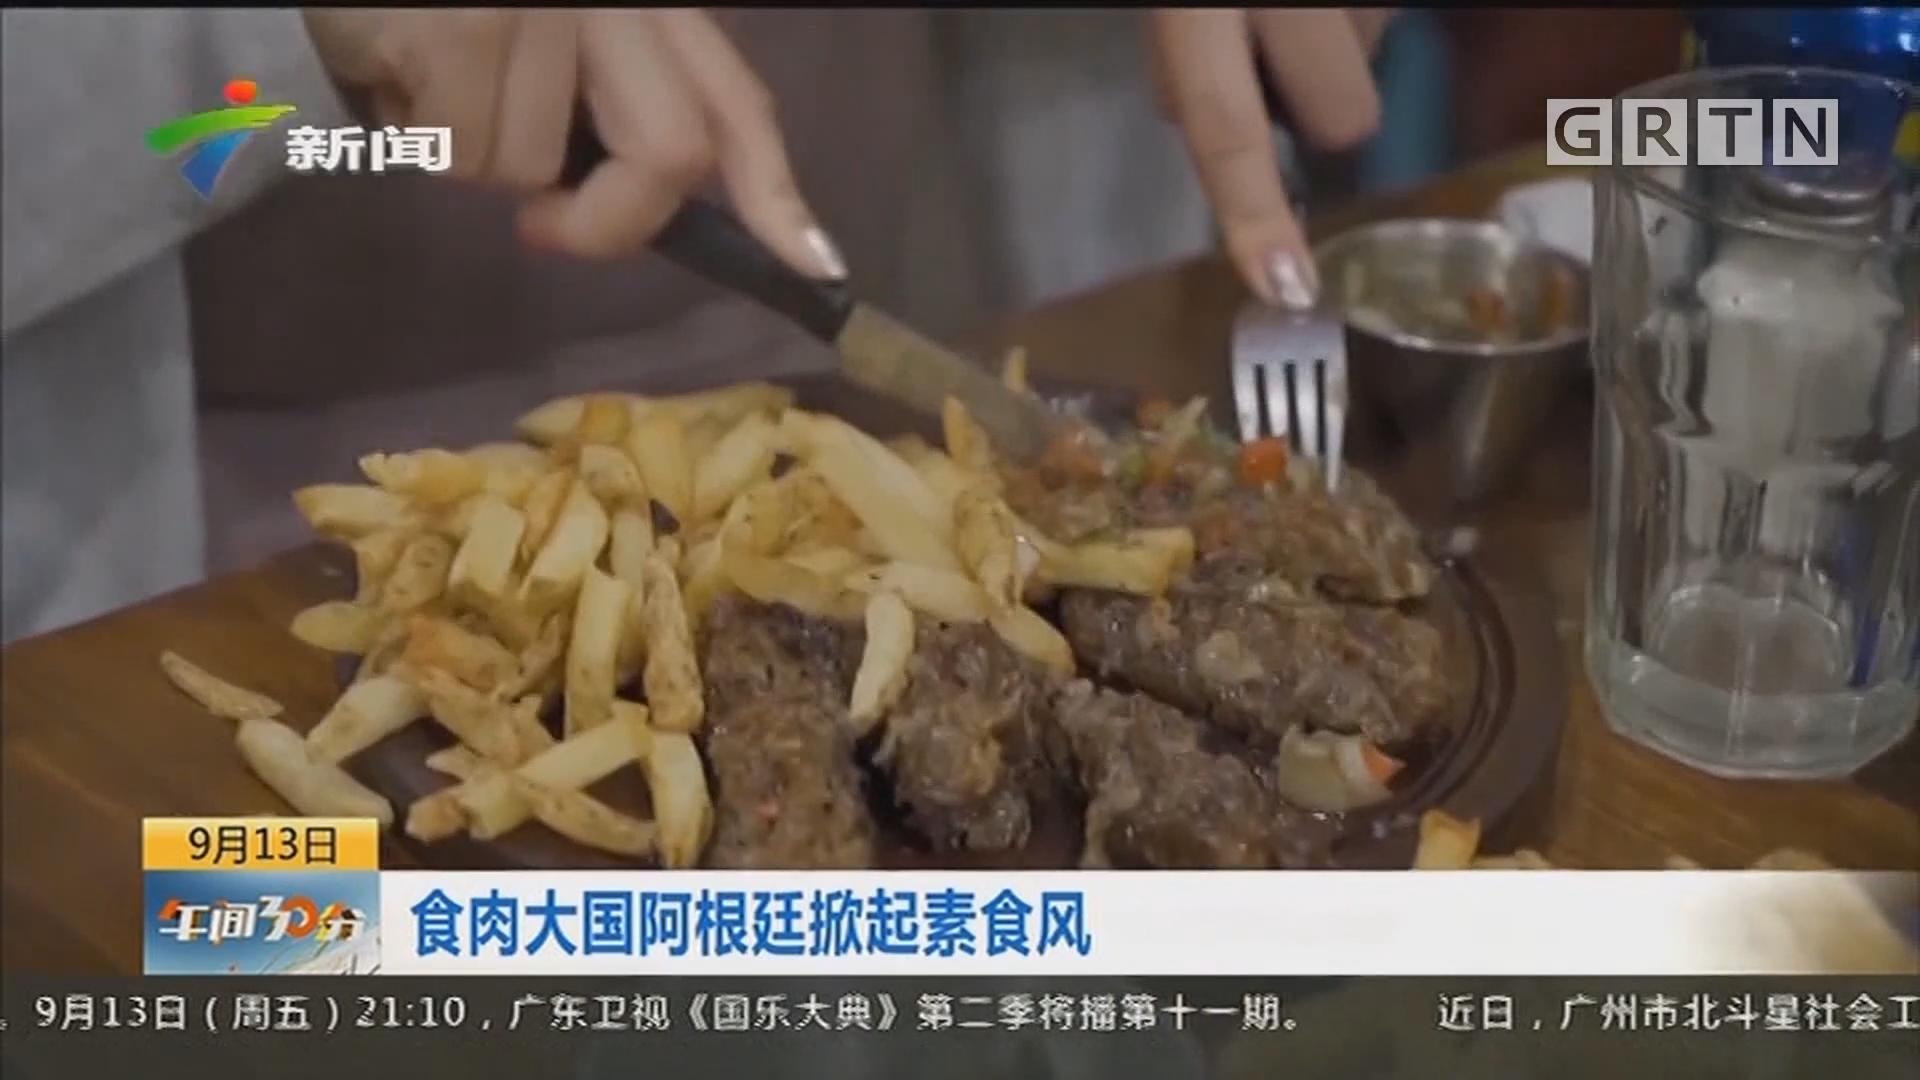 食肉大国阿根廷掀起素食风